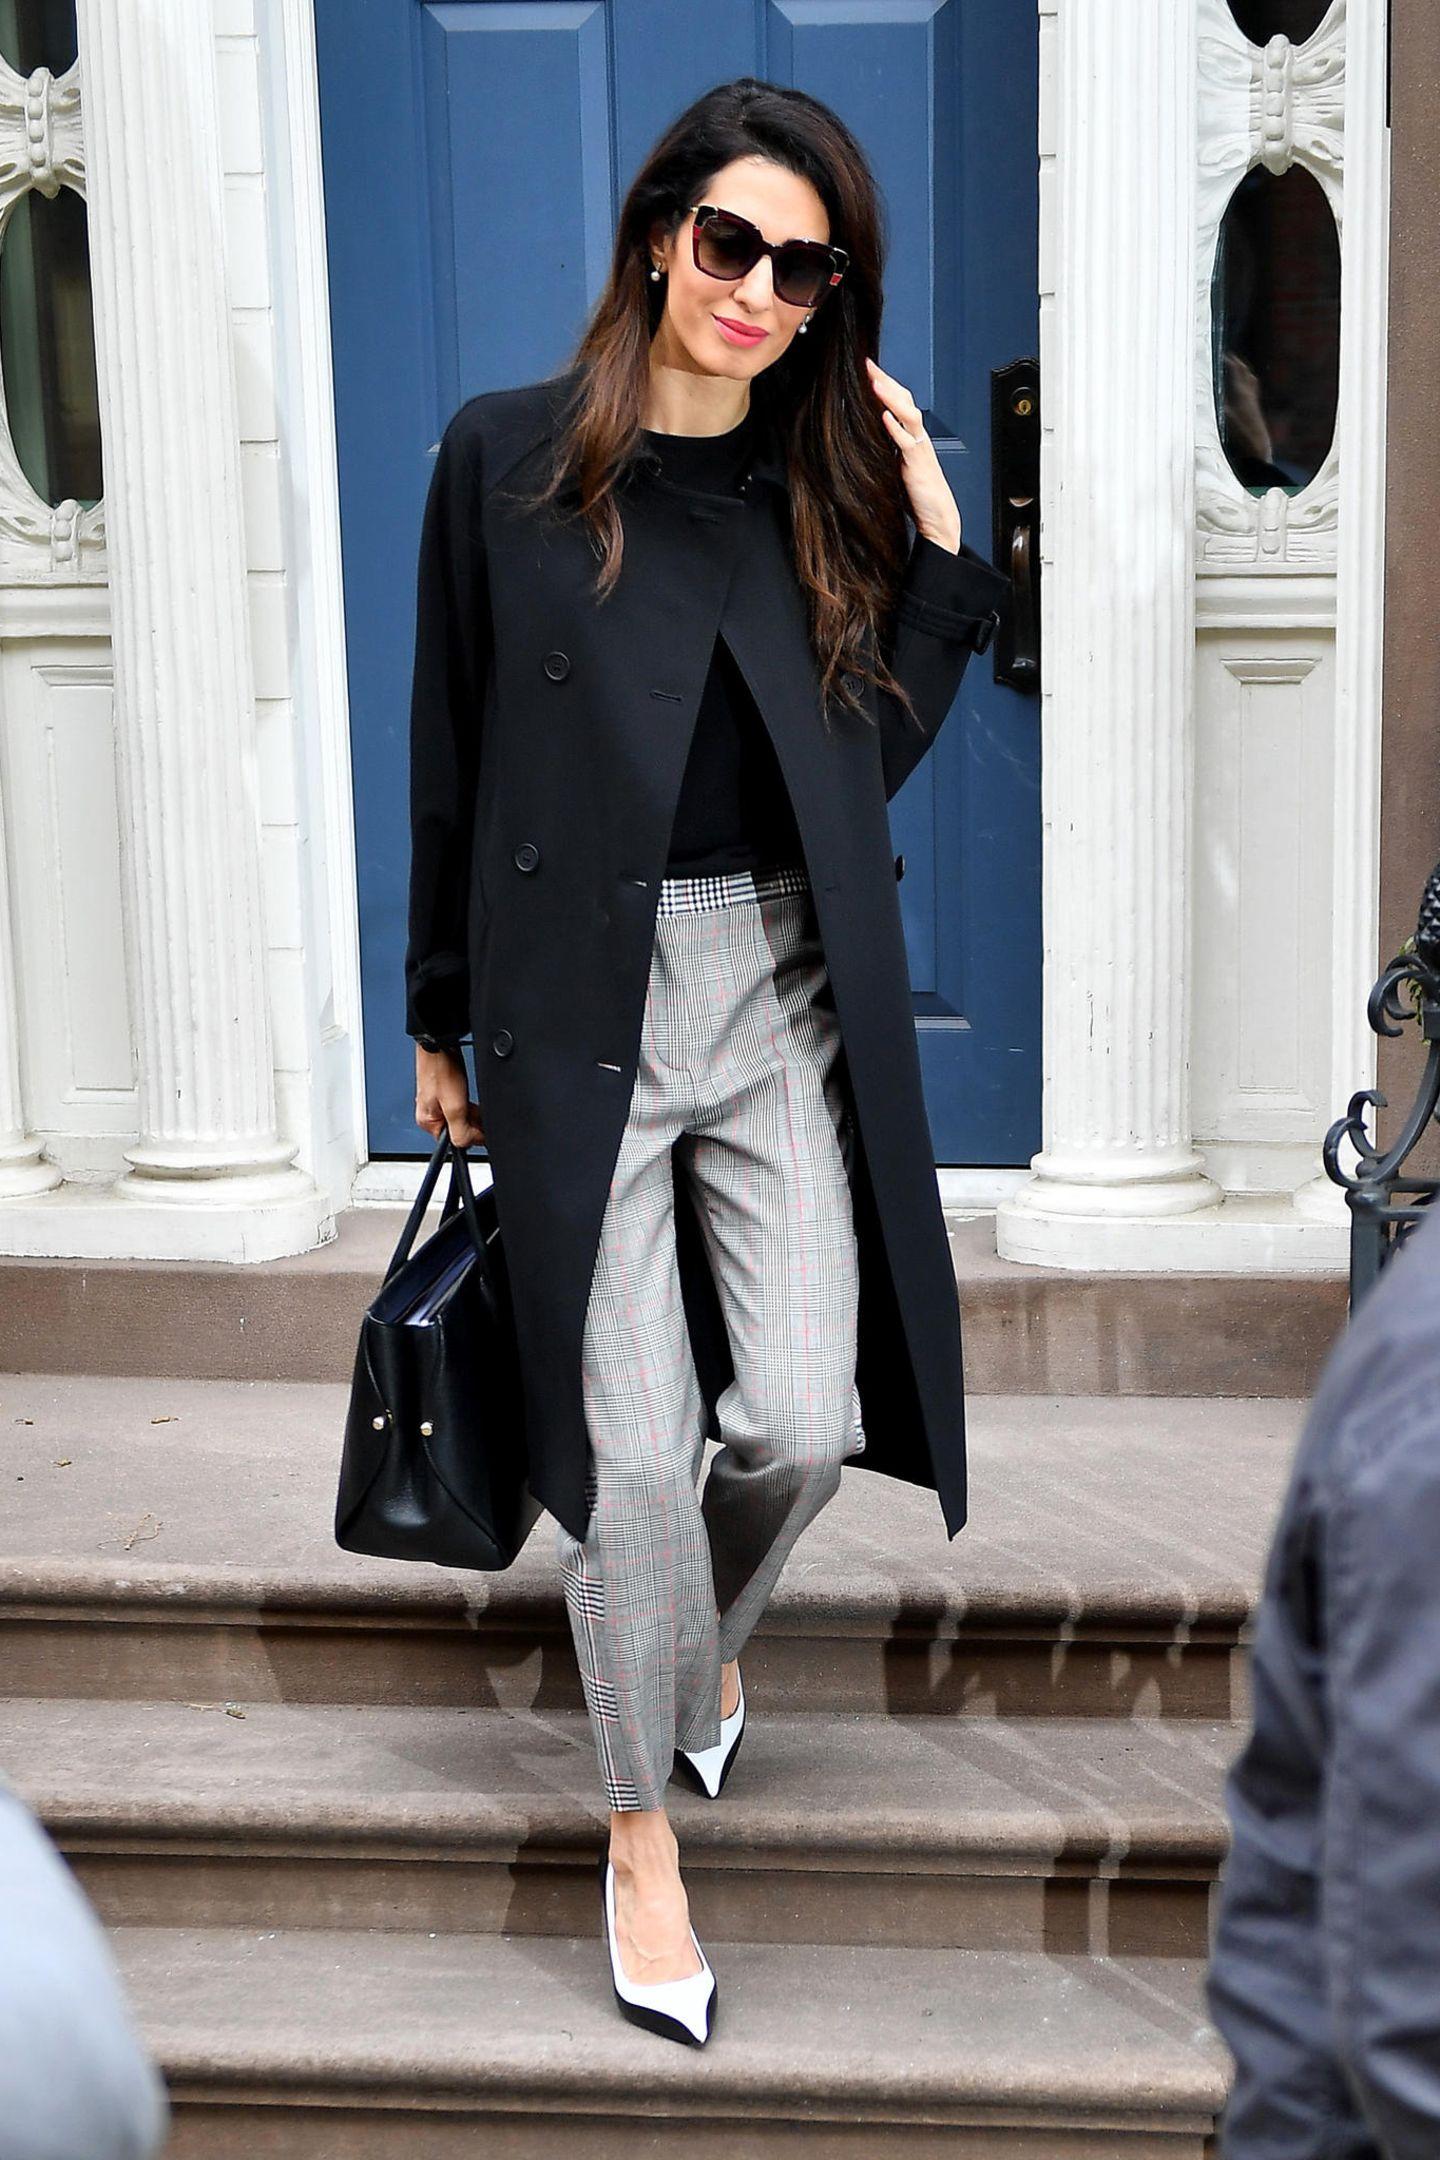 Amal kann es einfach nicht lassen: Ihre Looks sind stets teuer und luxuriös. Diese karierte Hose im Retro-Stil von Alexander McQueen ist mit knapp 795 Euro nur ein kleiner Teil des Gesamt-Looks.